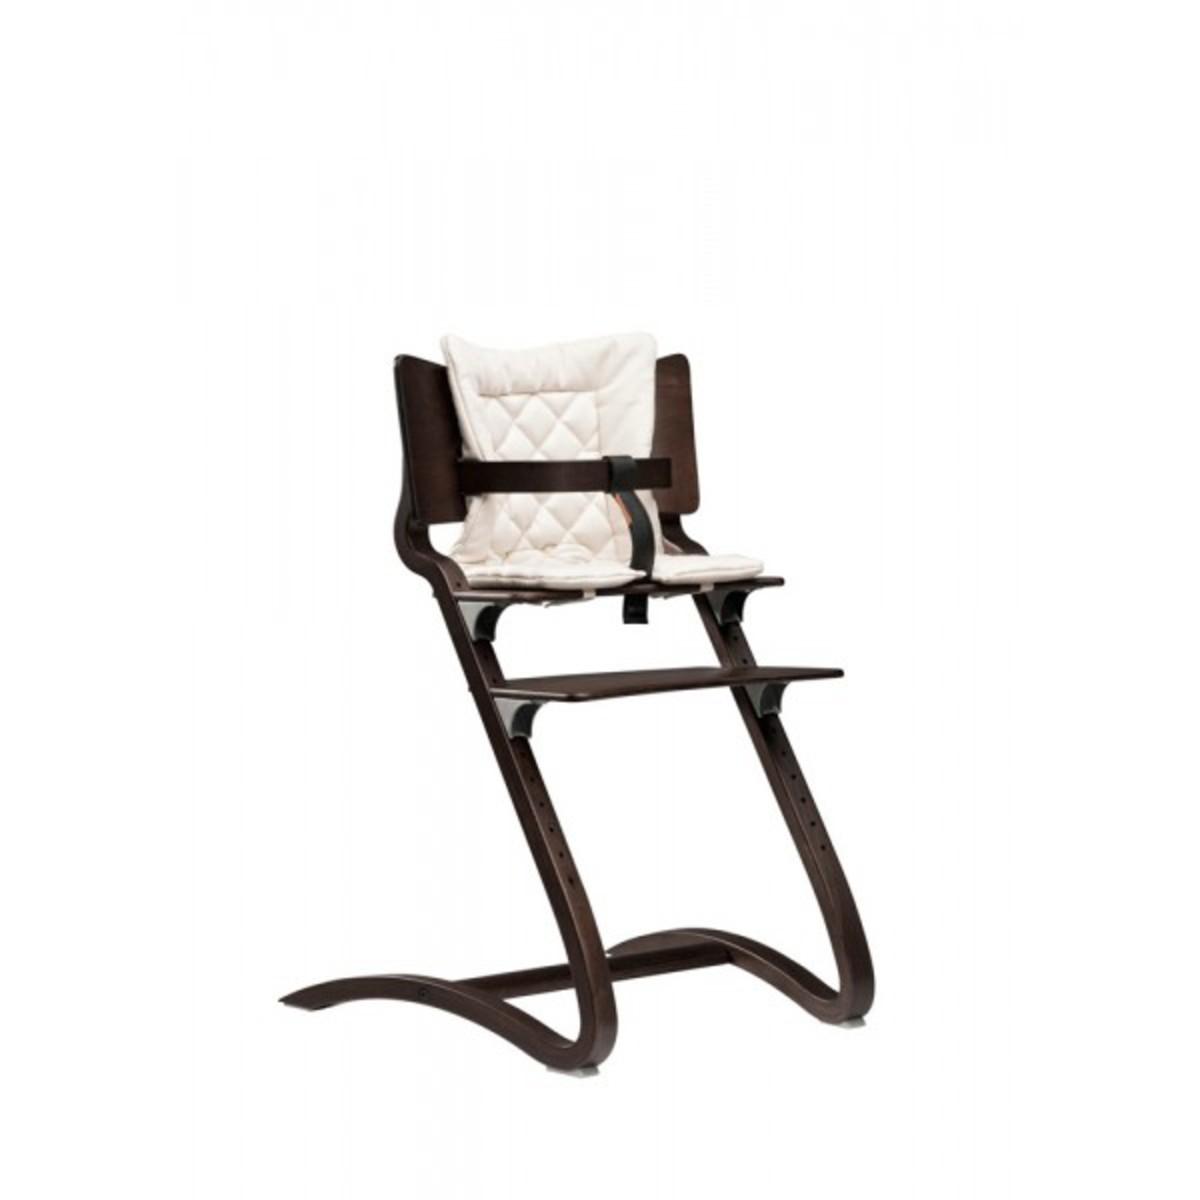 leander coussins pour chaise haute vanille chaise haute leander sur l 39 armoire de b b. Black Bedroom Furniture Sets. Home Design Ideas